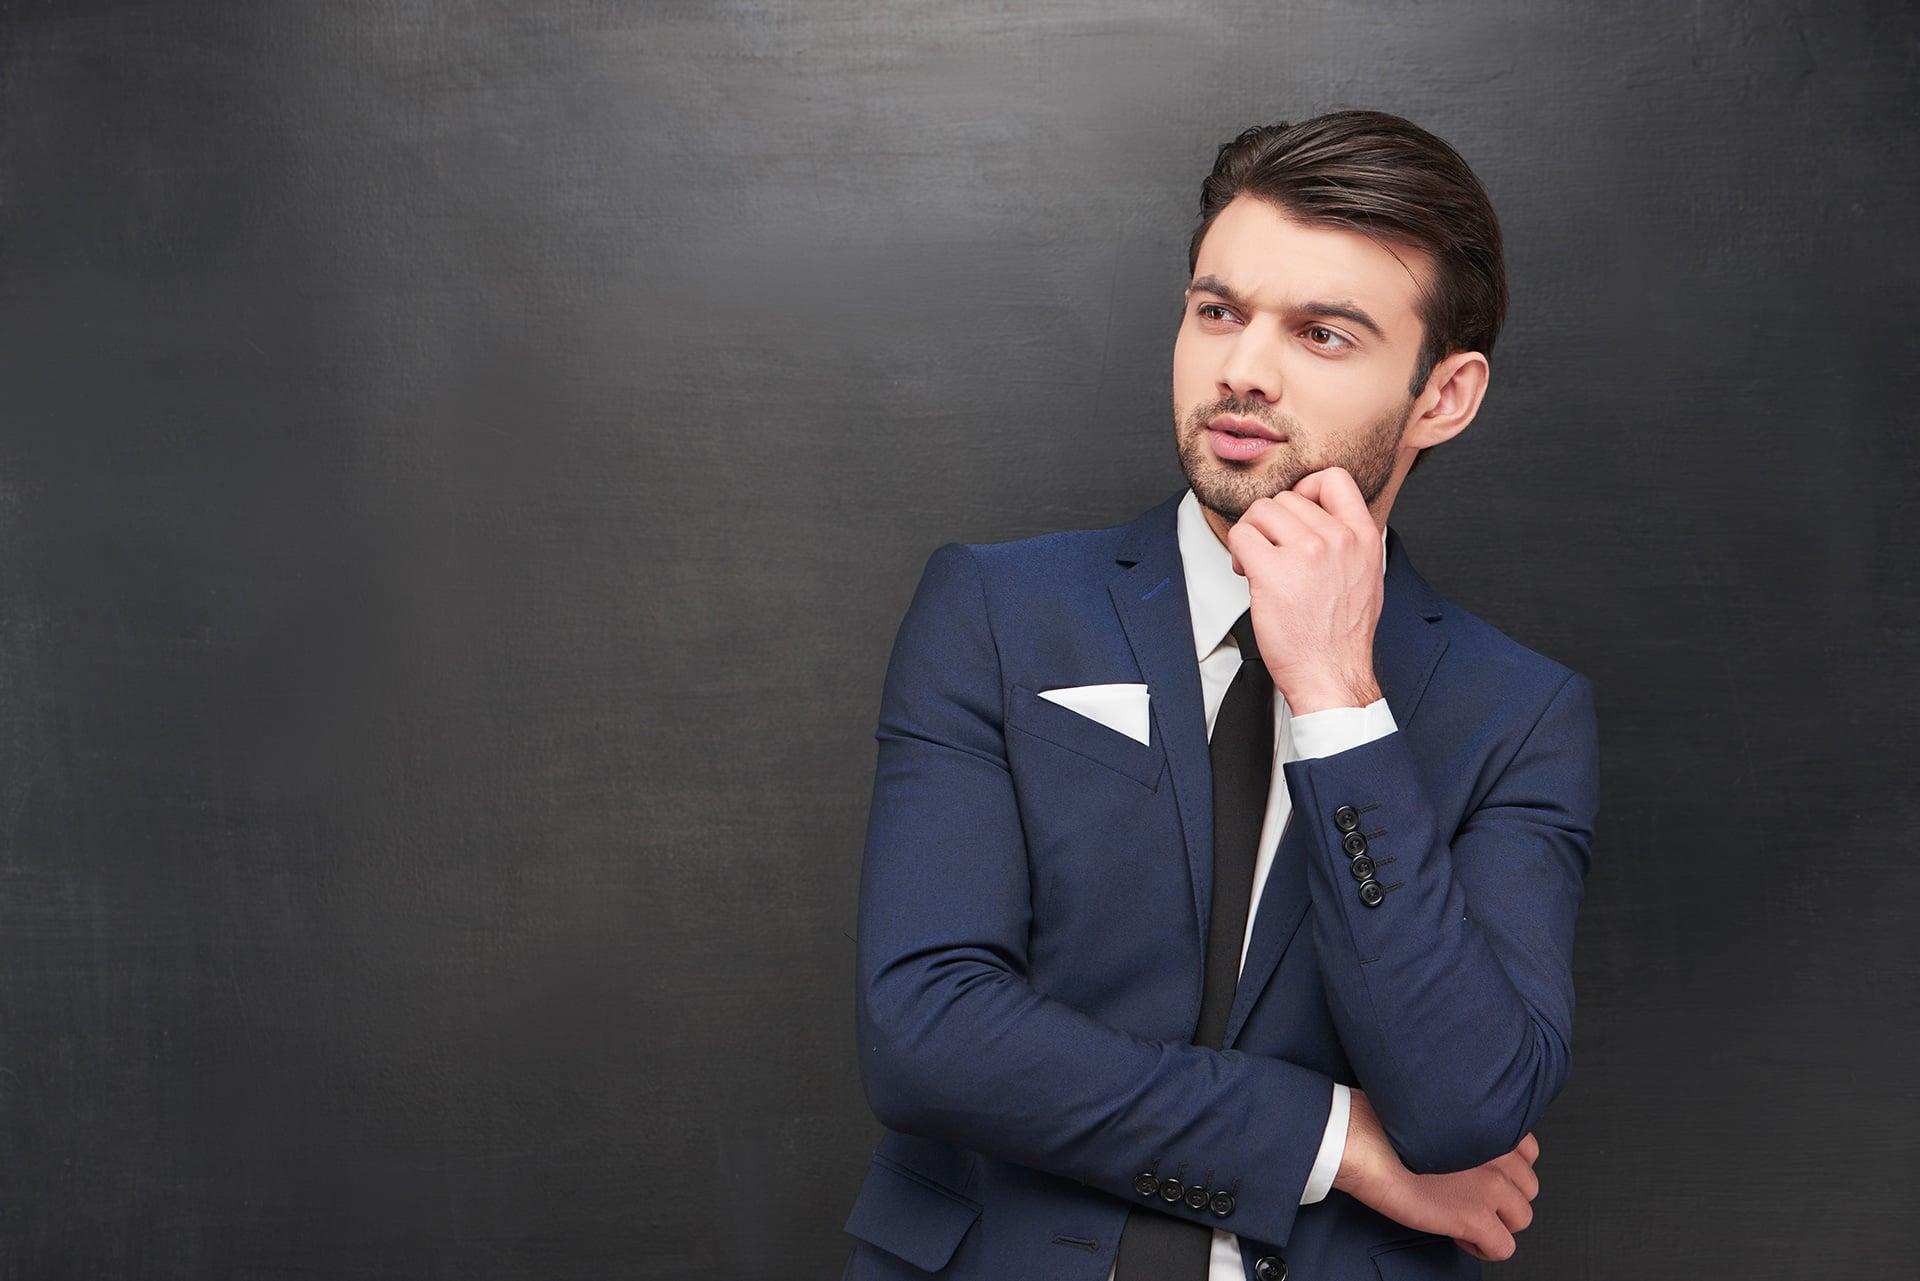 آرایشگاه مردانه نیوفیس / NEWFACE